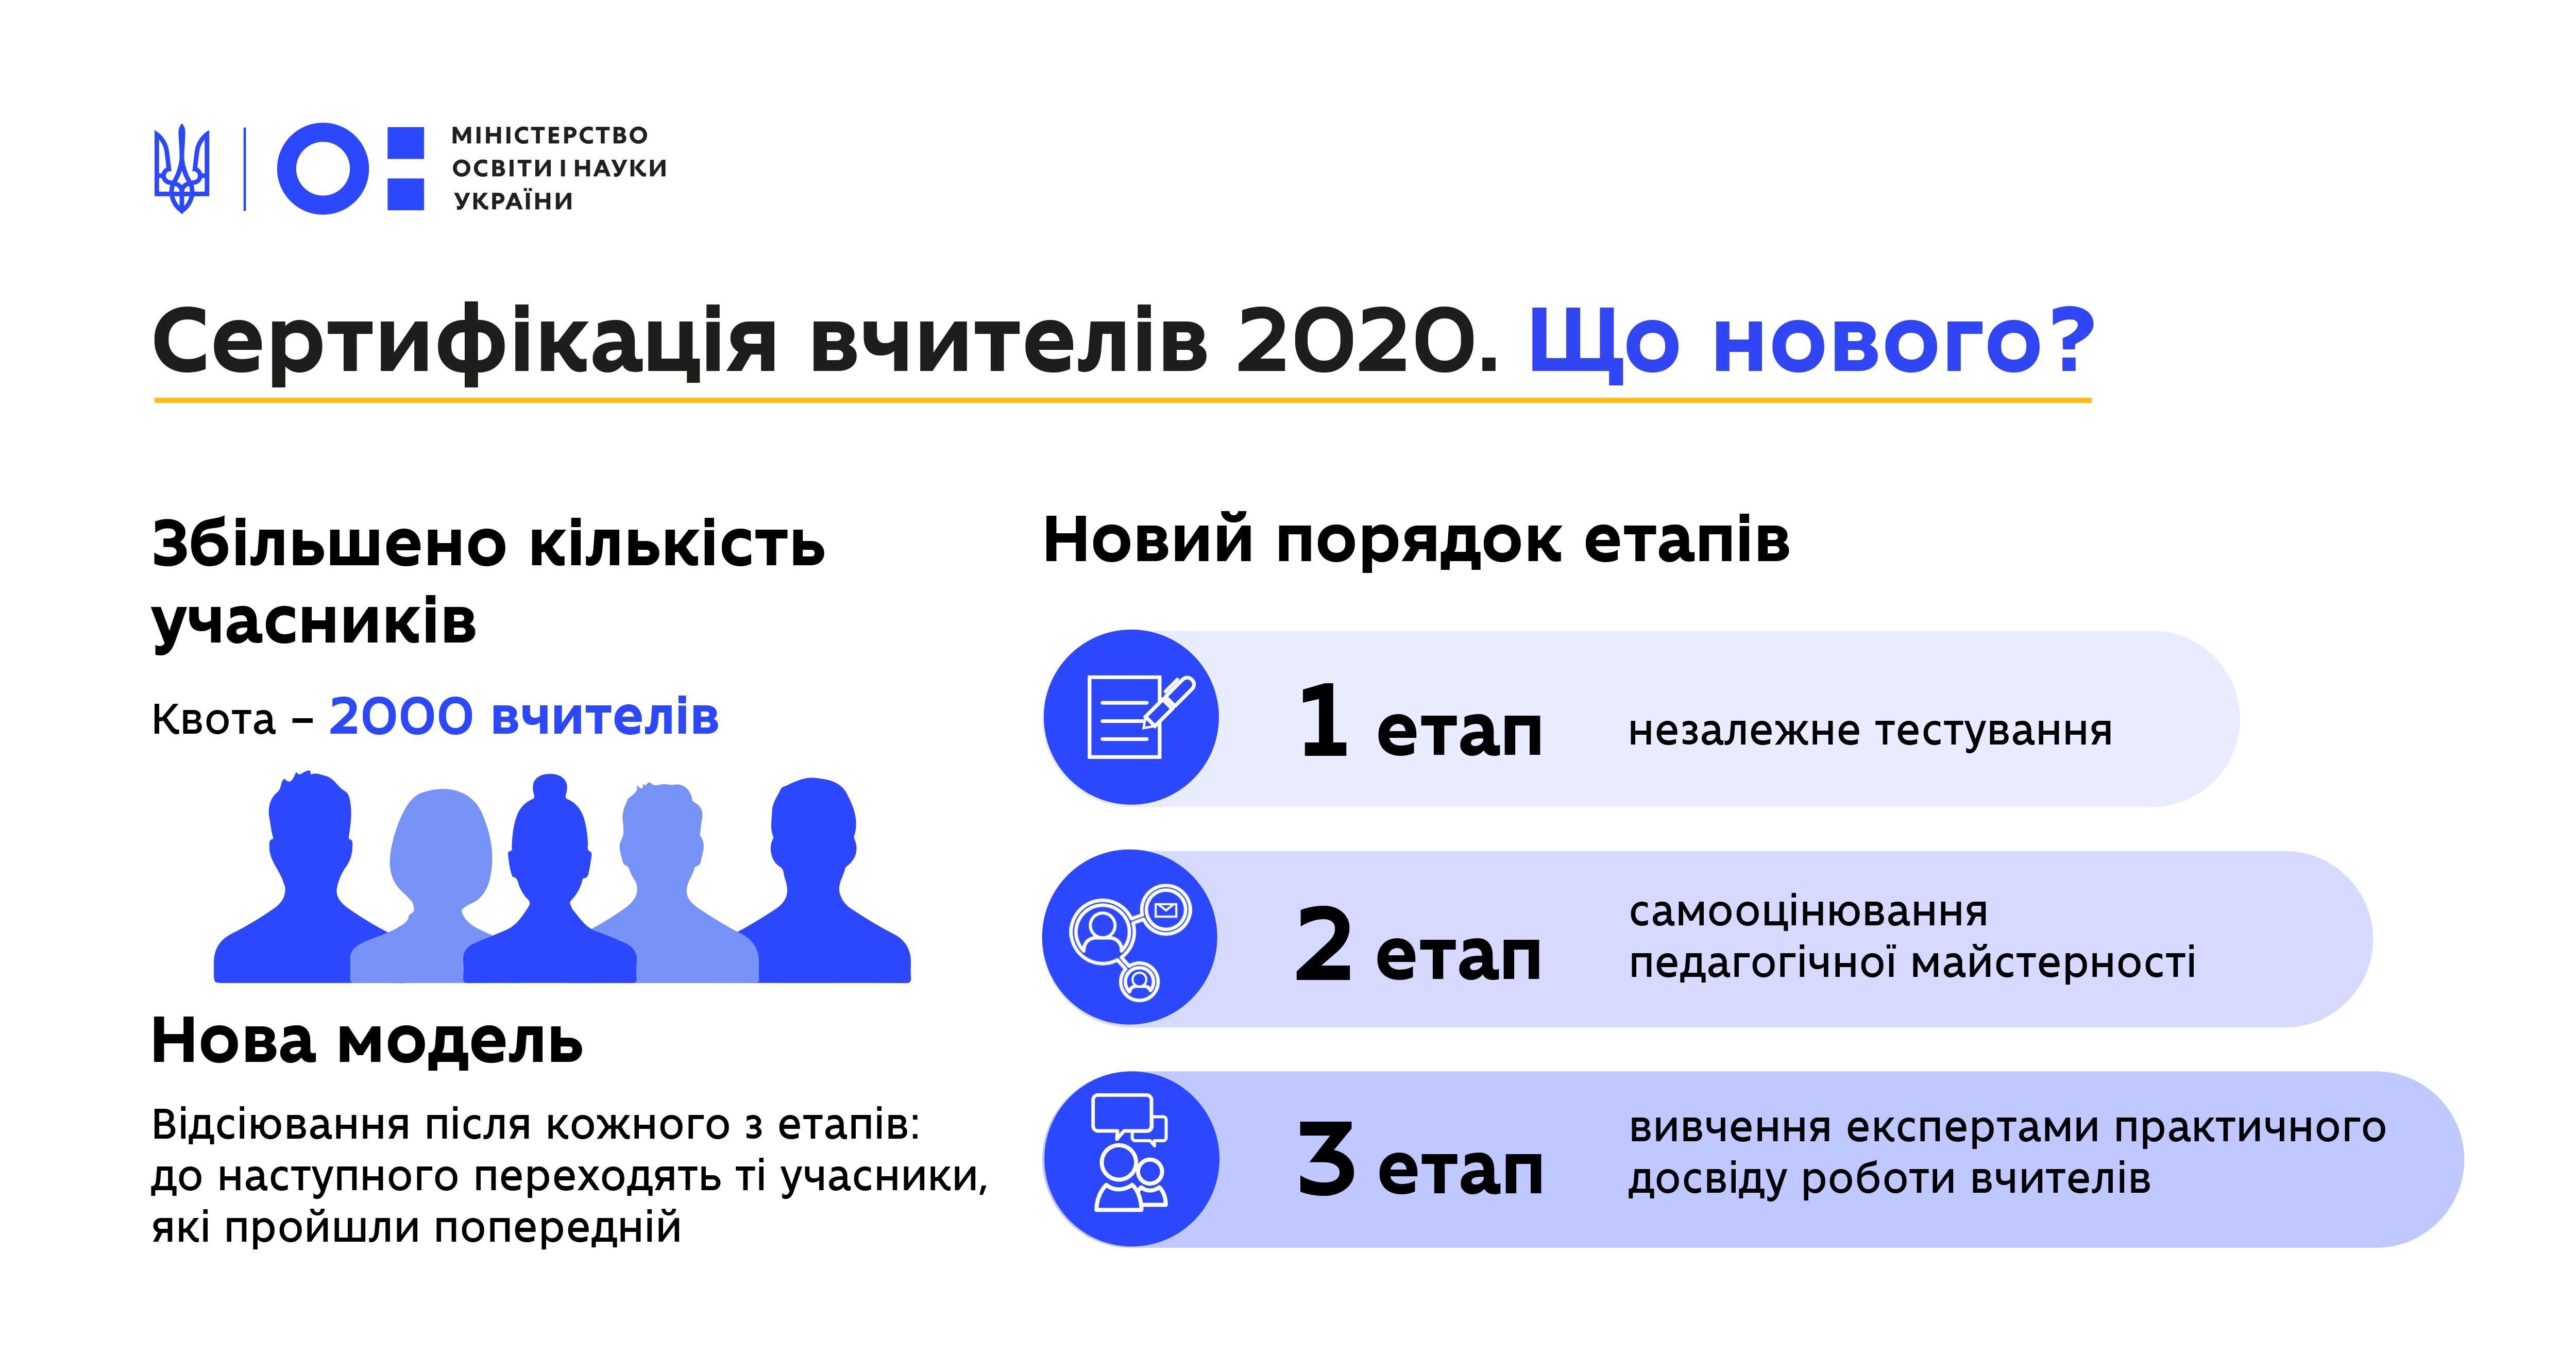 reestratsiya-na-sertifikatsiyu-vchiteliv-2020-roku-startue-15-sichnya-mukh1